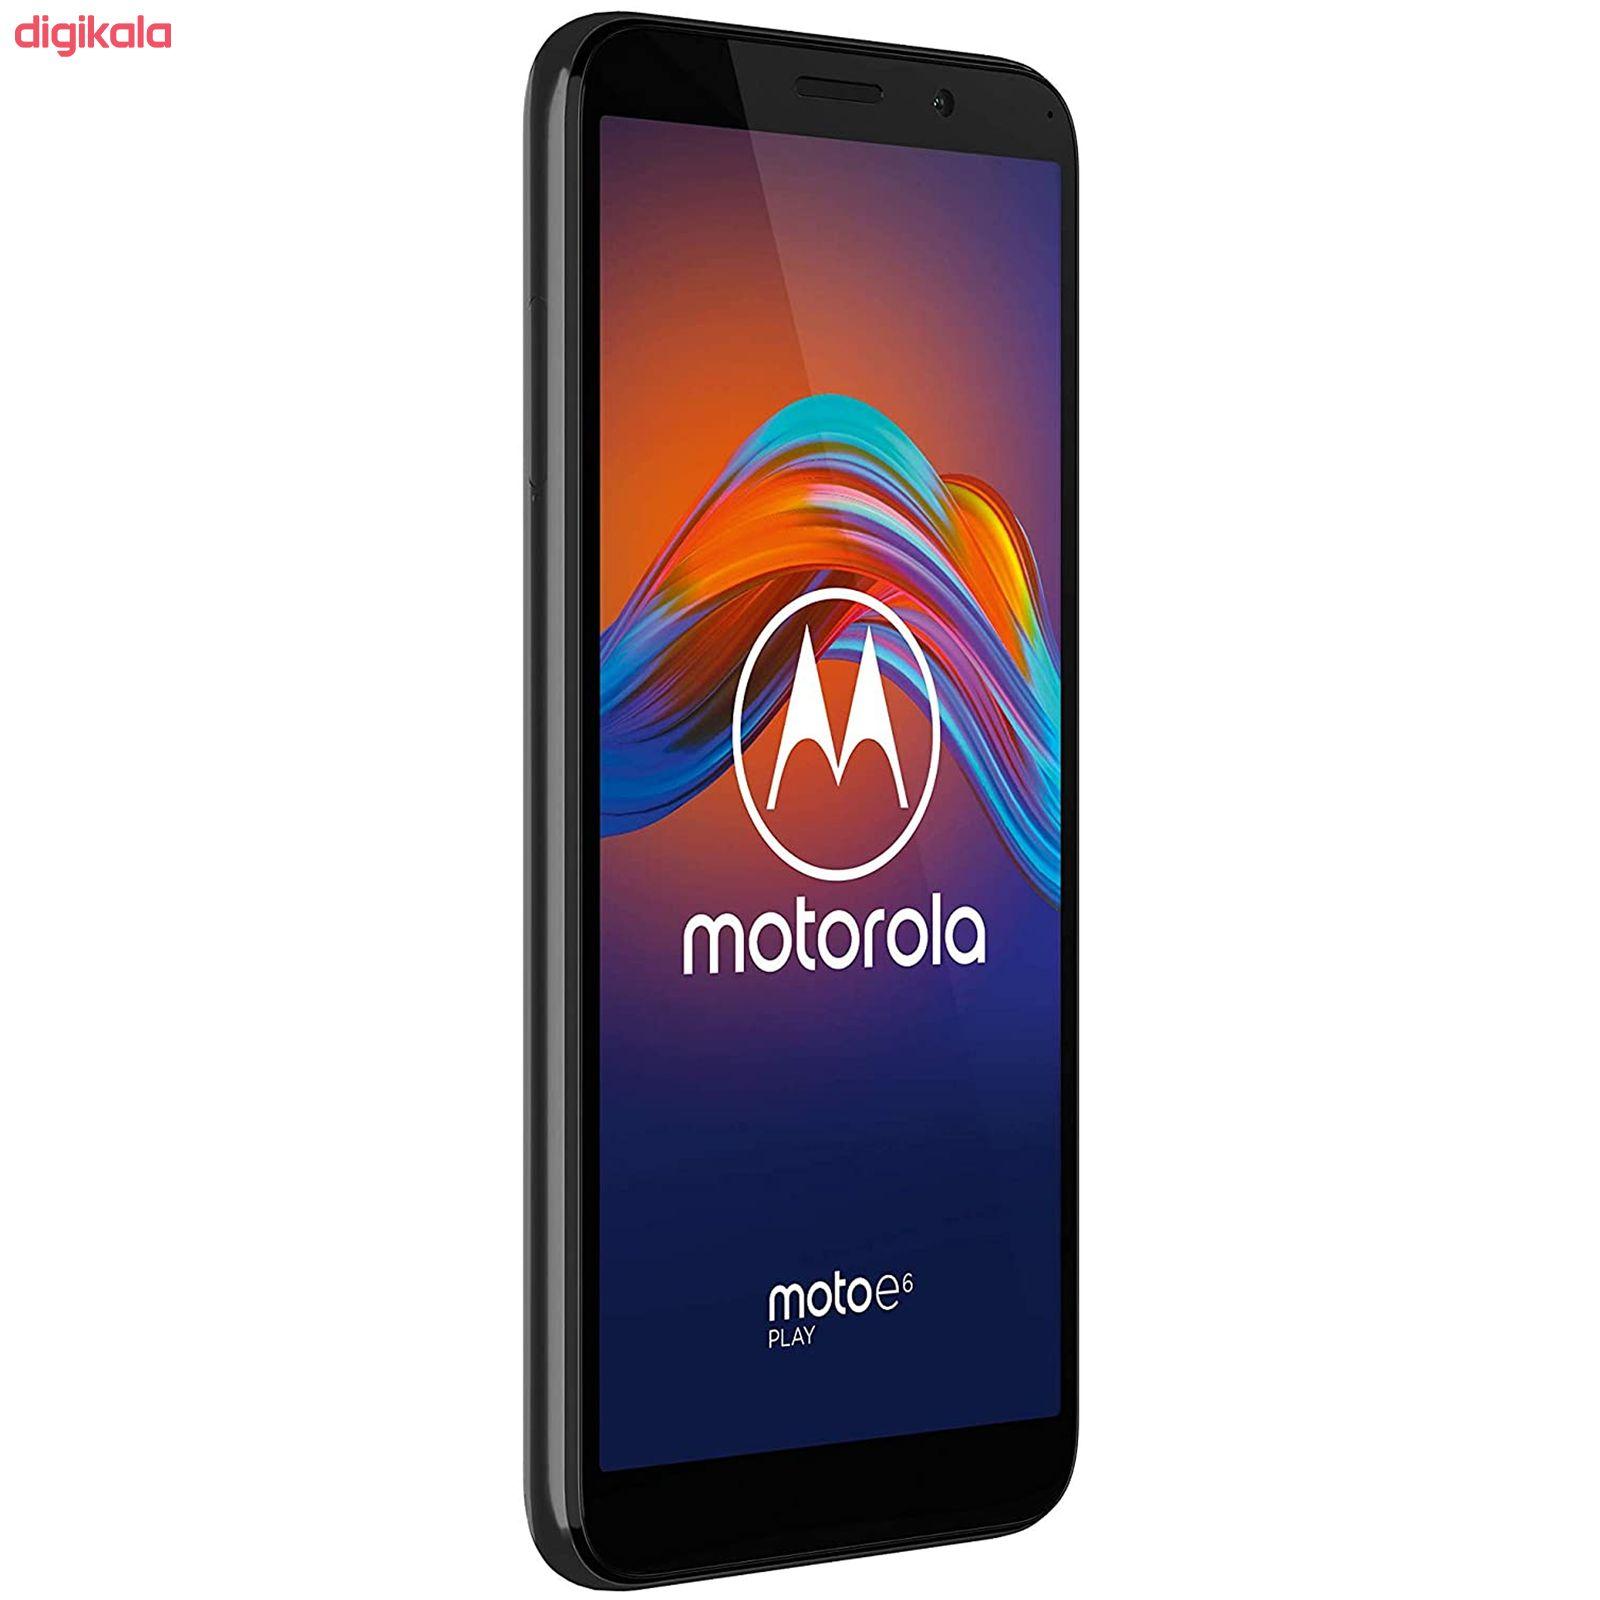 گوشی موبایل موتورولا مدل Moto E6 Play XT2029-2 دو سیم کارت ظرفیت 32 گیگابایت  main 1 2